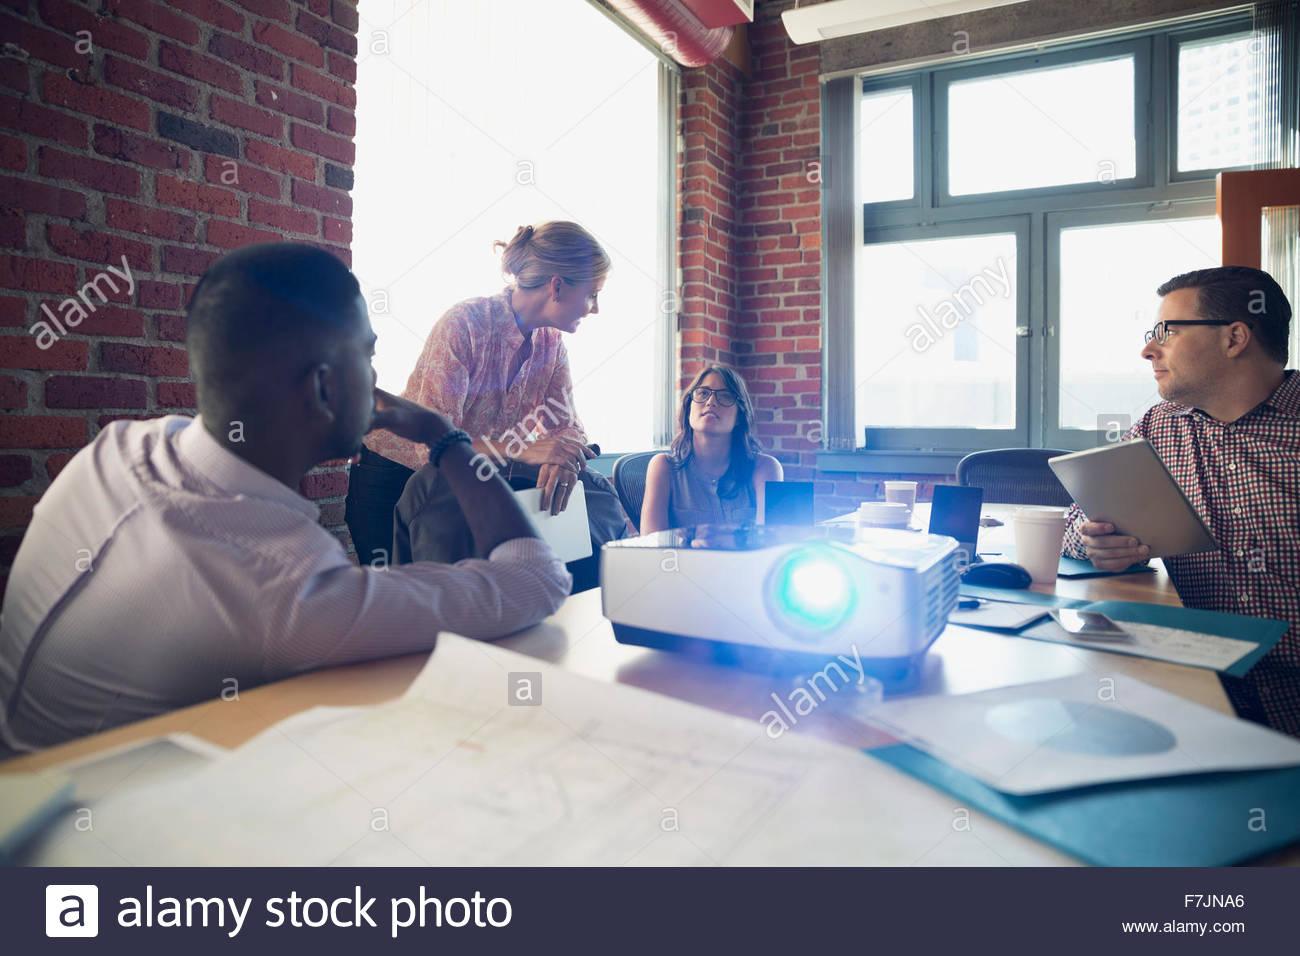 Rencontre des gens d'affaires dans la salle de conférence avec projecteur Photo Stock